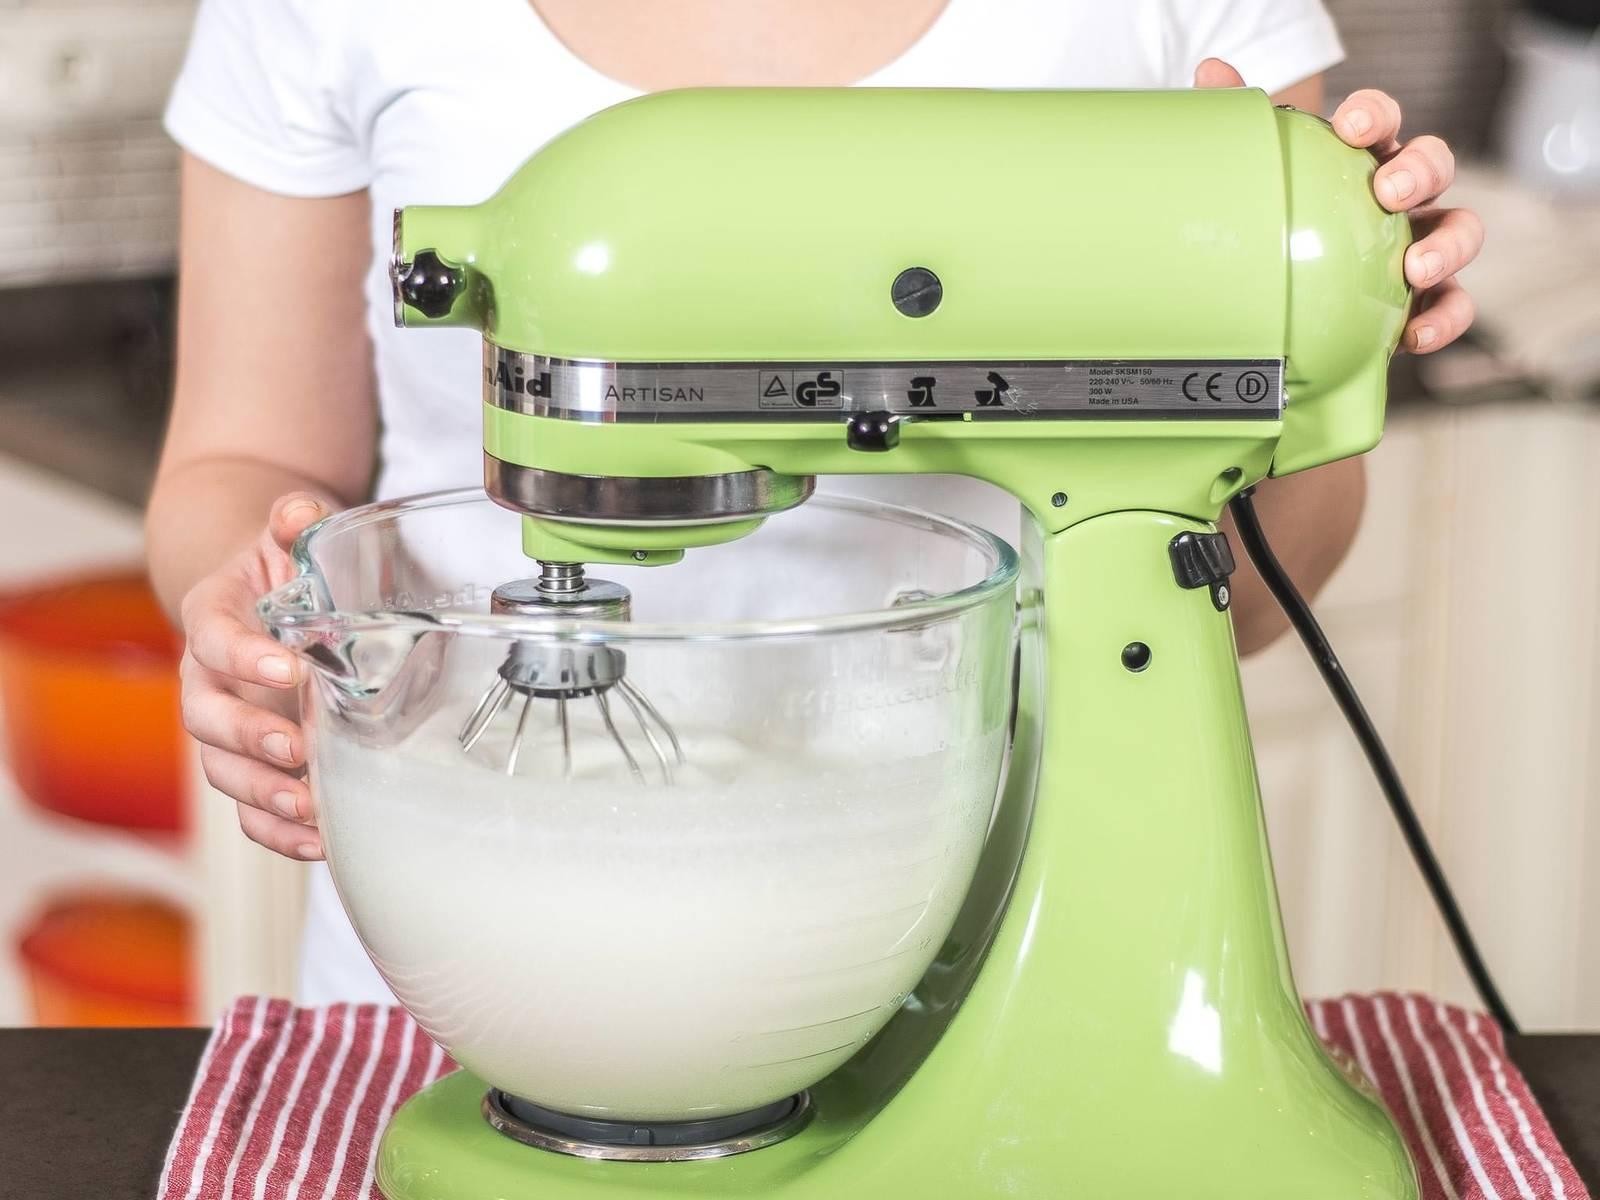 烤箱预热至160摄氏度。将蛋清与柠檬汁及一小撮盐一起打发。注意碗和搅拌器不可粘油,才能达到所需要的稠度。